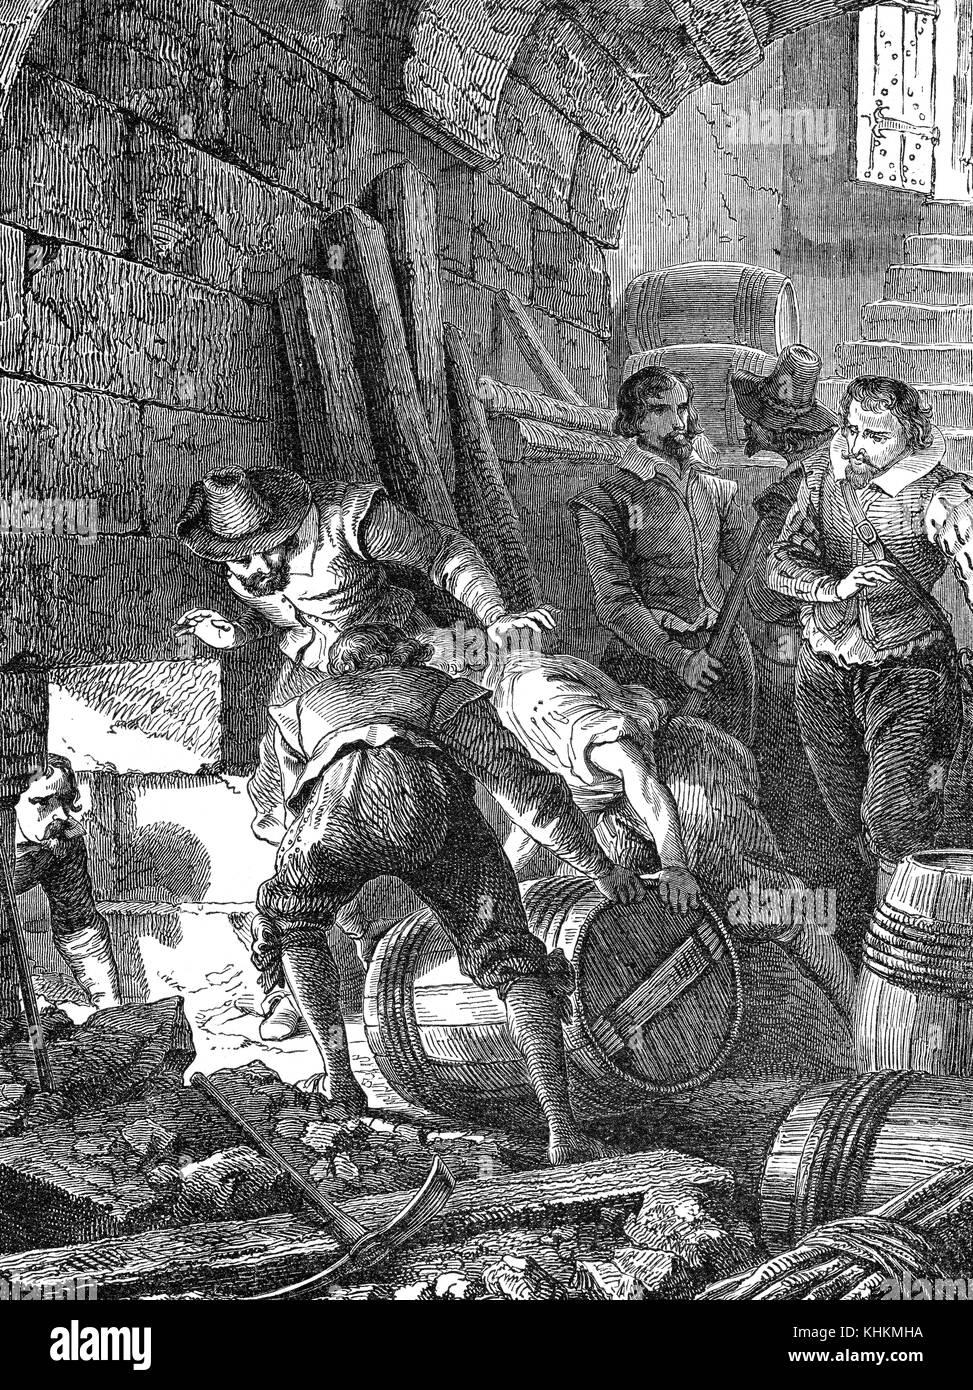 The Gunpowder Plot of 1605 - Stock Image